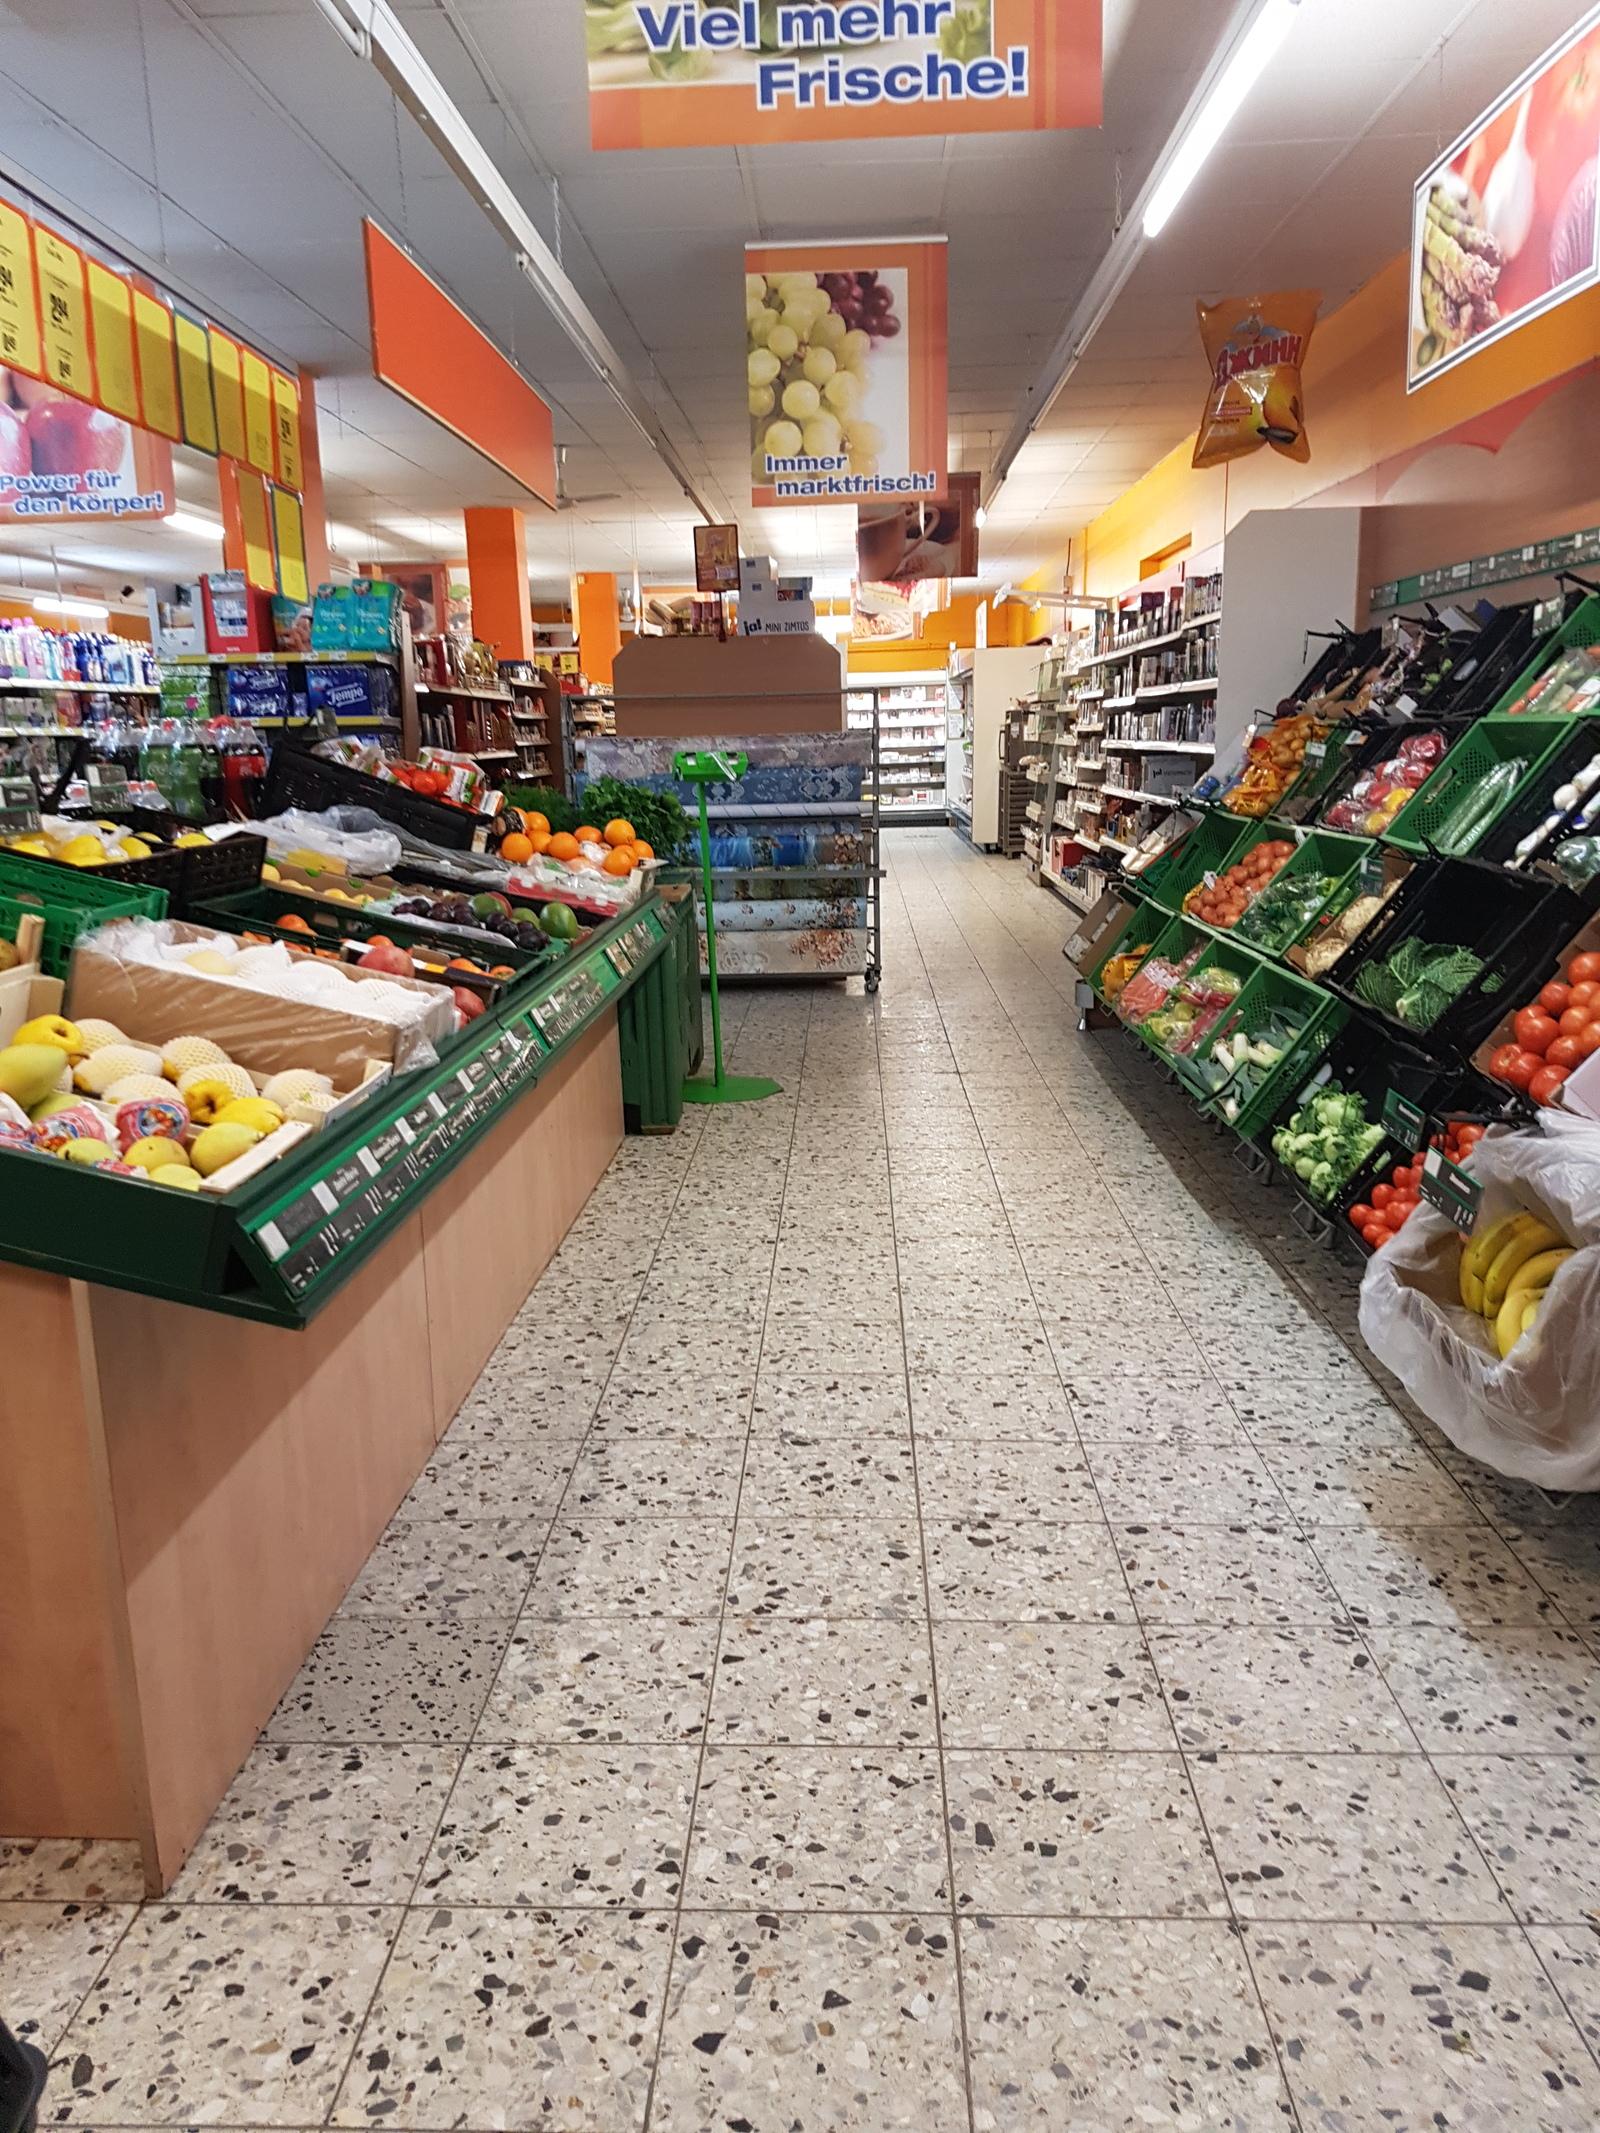 Русский магазин в Германии Германия, Еда, Русский магазин, Длиннопост,  Фотография, Русские d46242f192c